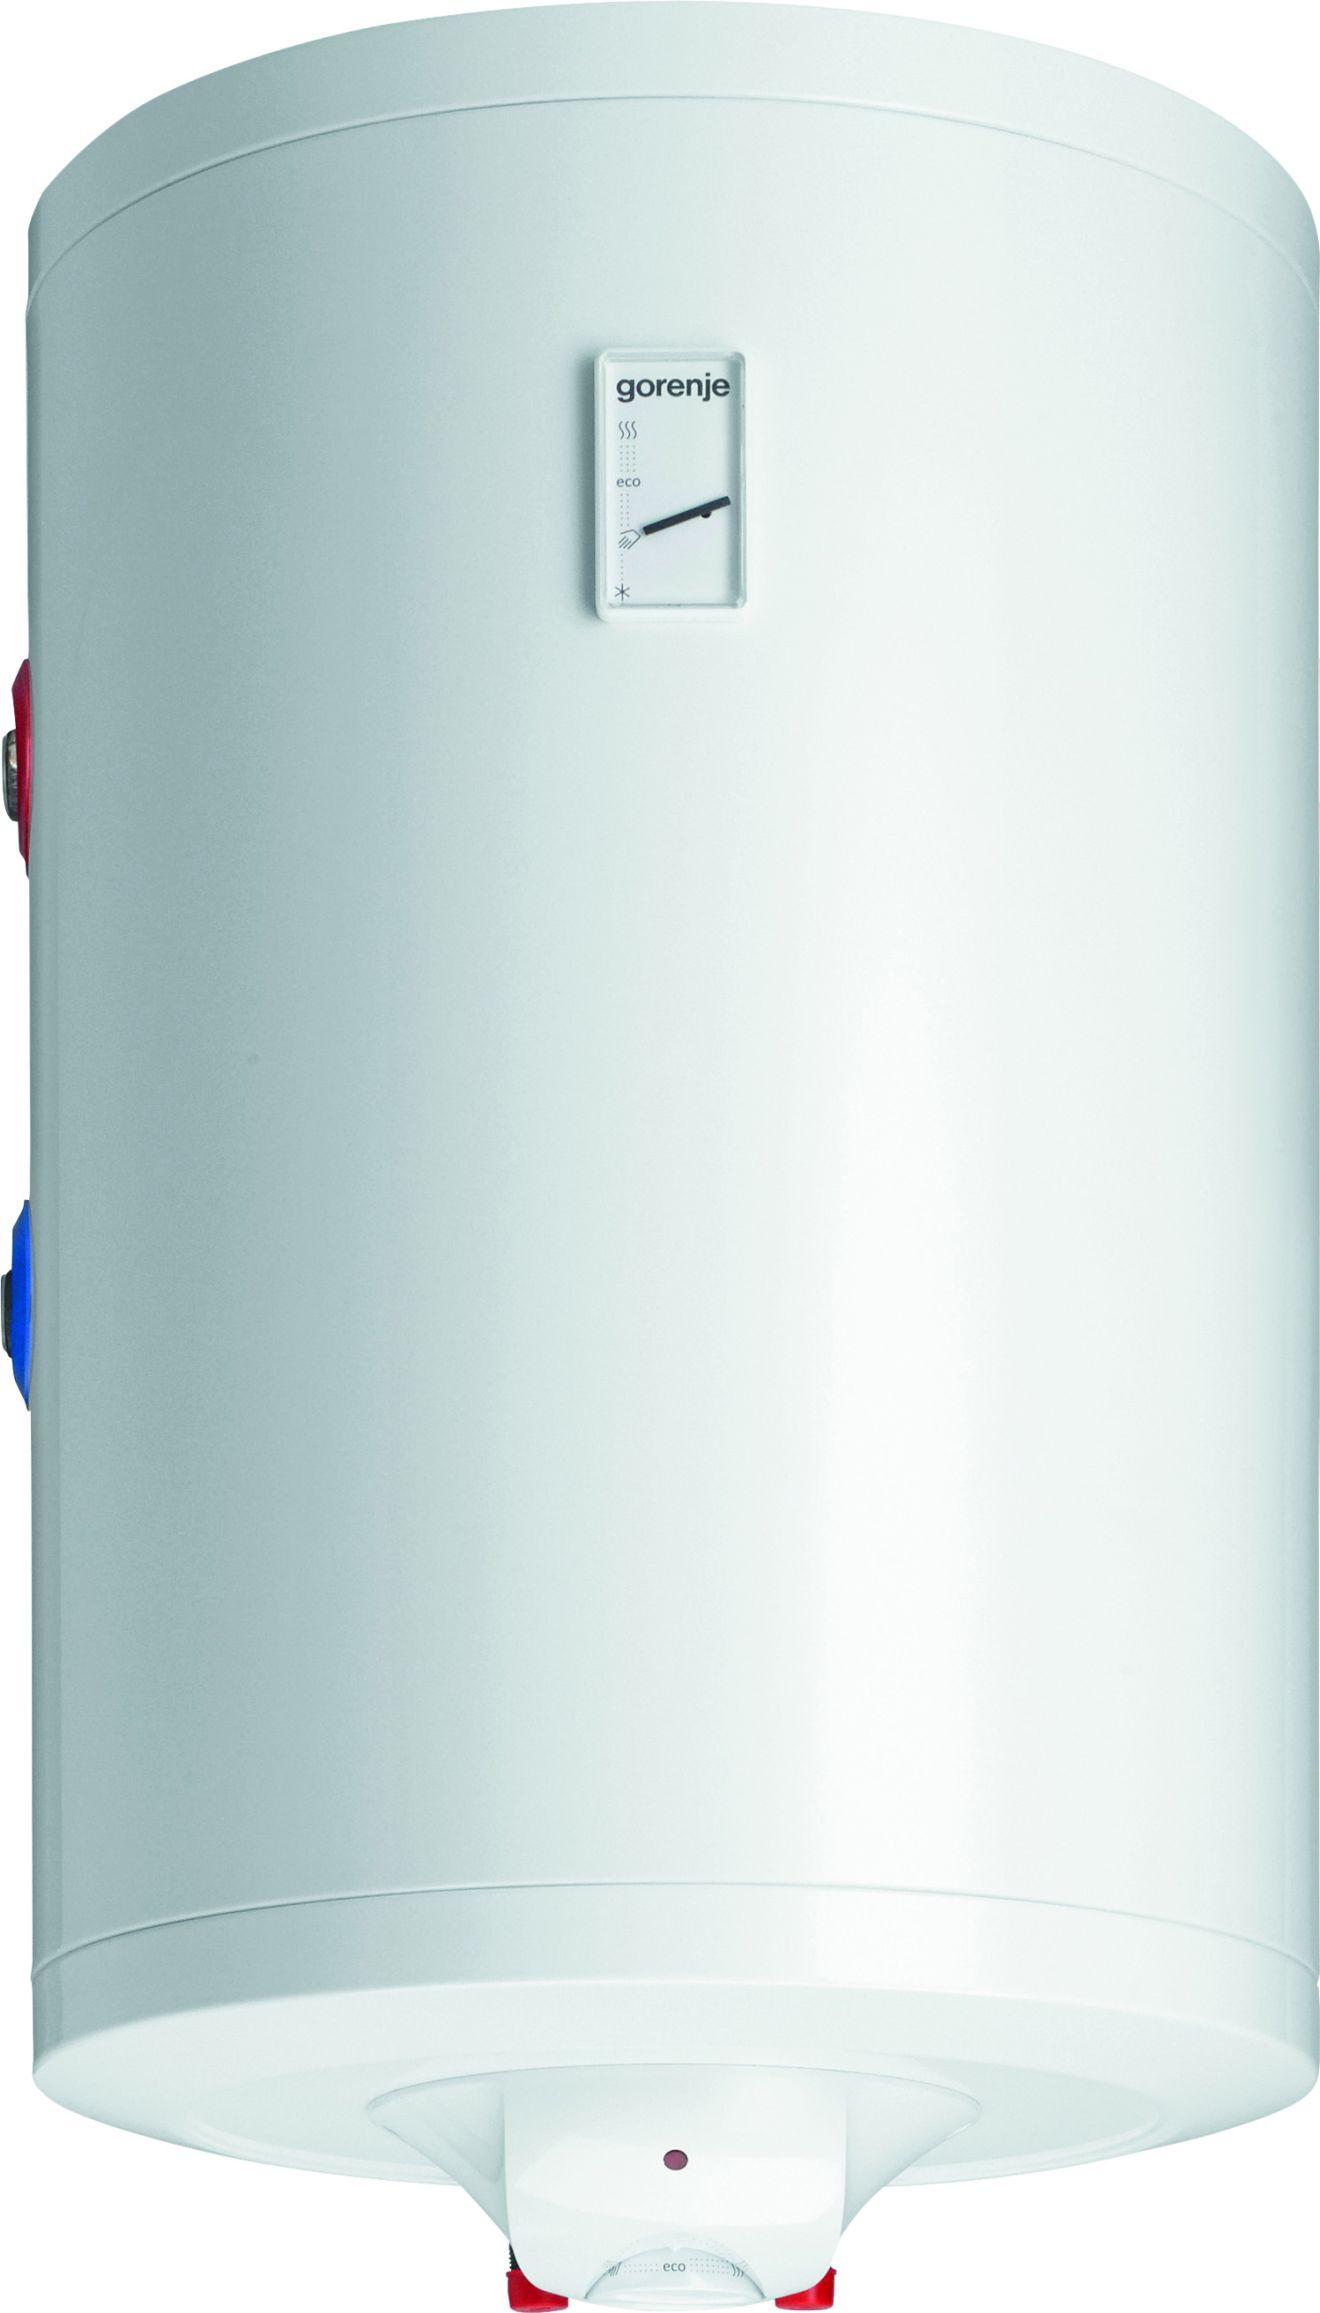 Водонагреватель косвенного нагрева Gorenje TGRK80LNGB6 комбинированный (теплообменник + ТЭН)